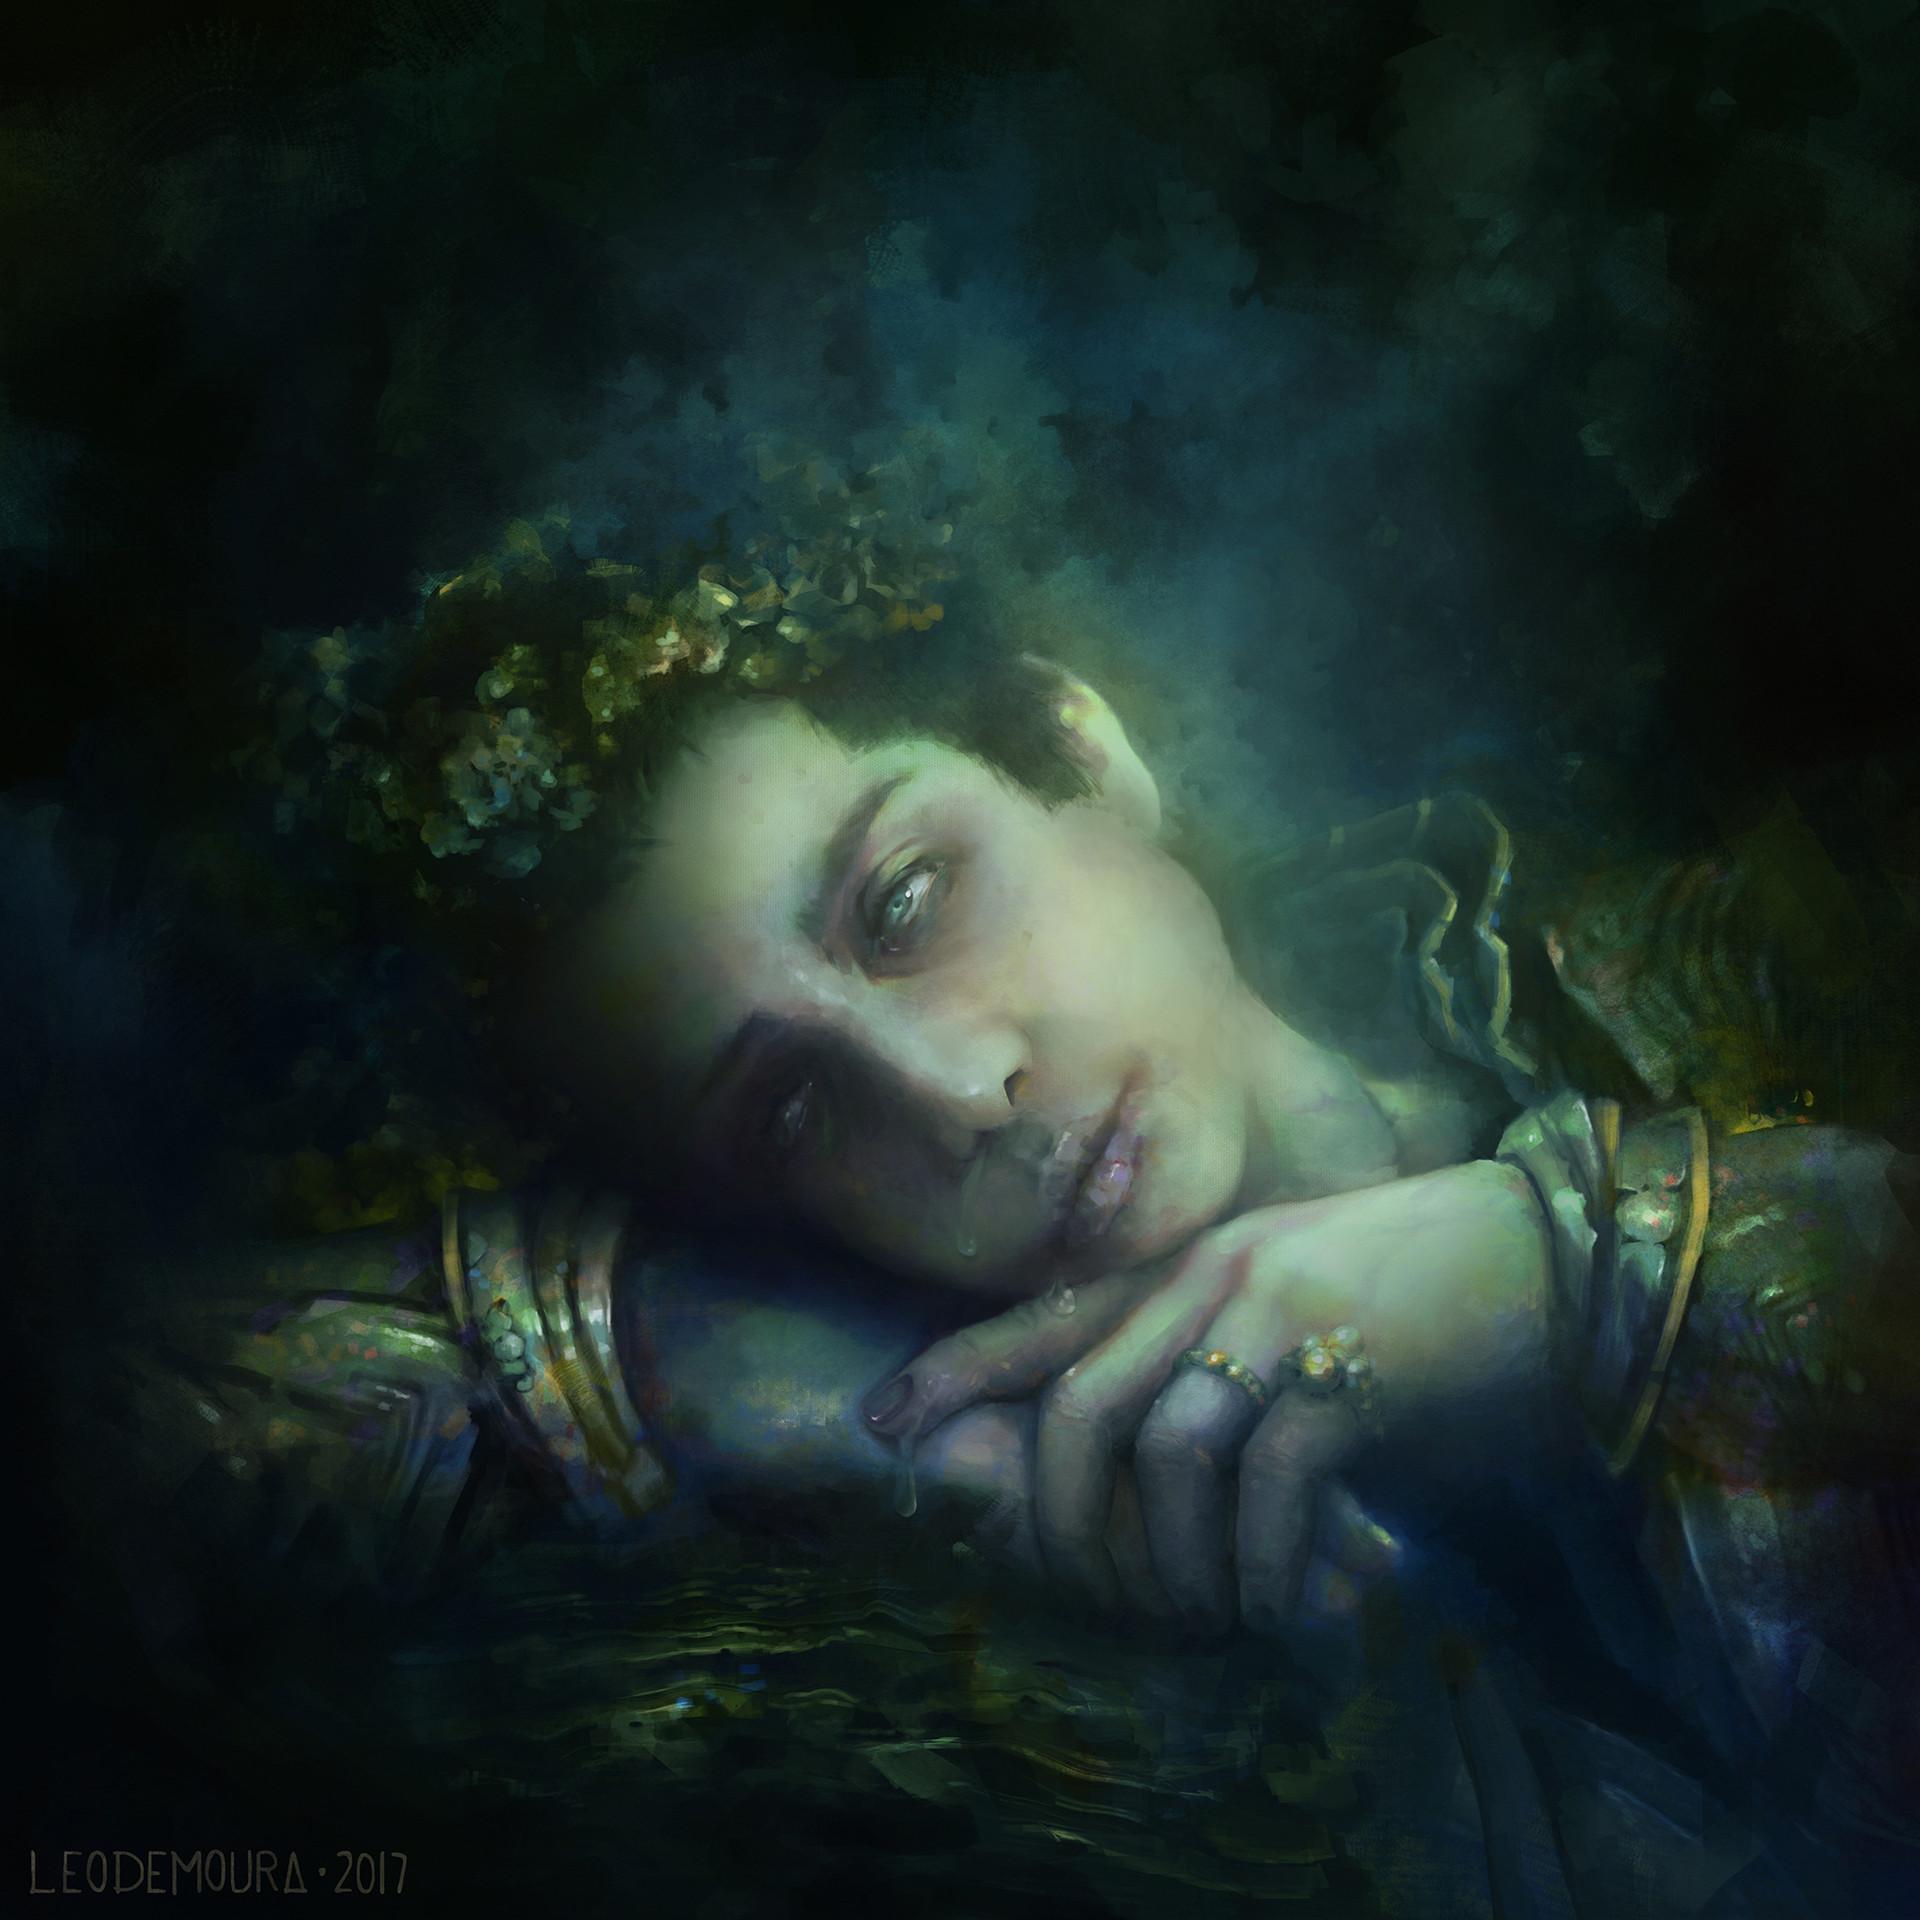 Leonardo de moura caput medium